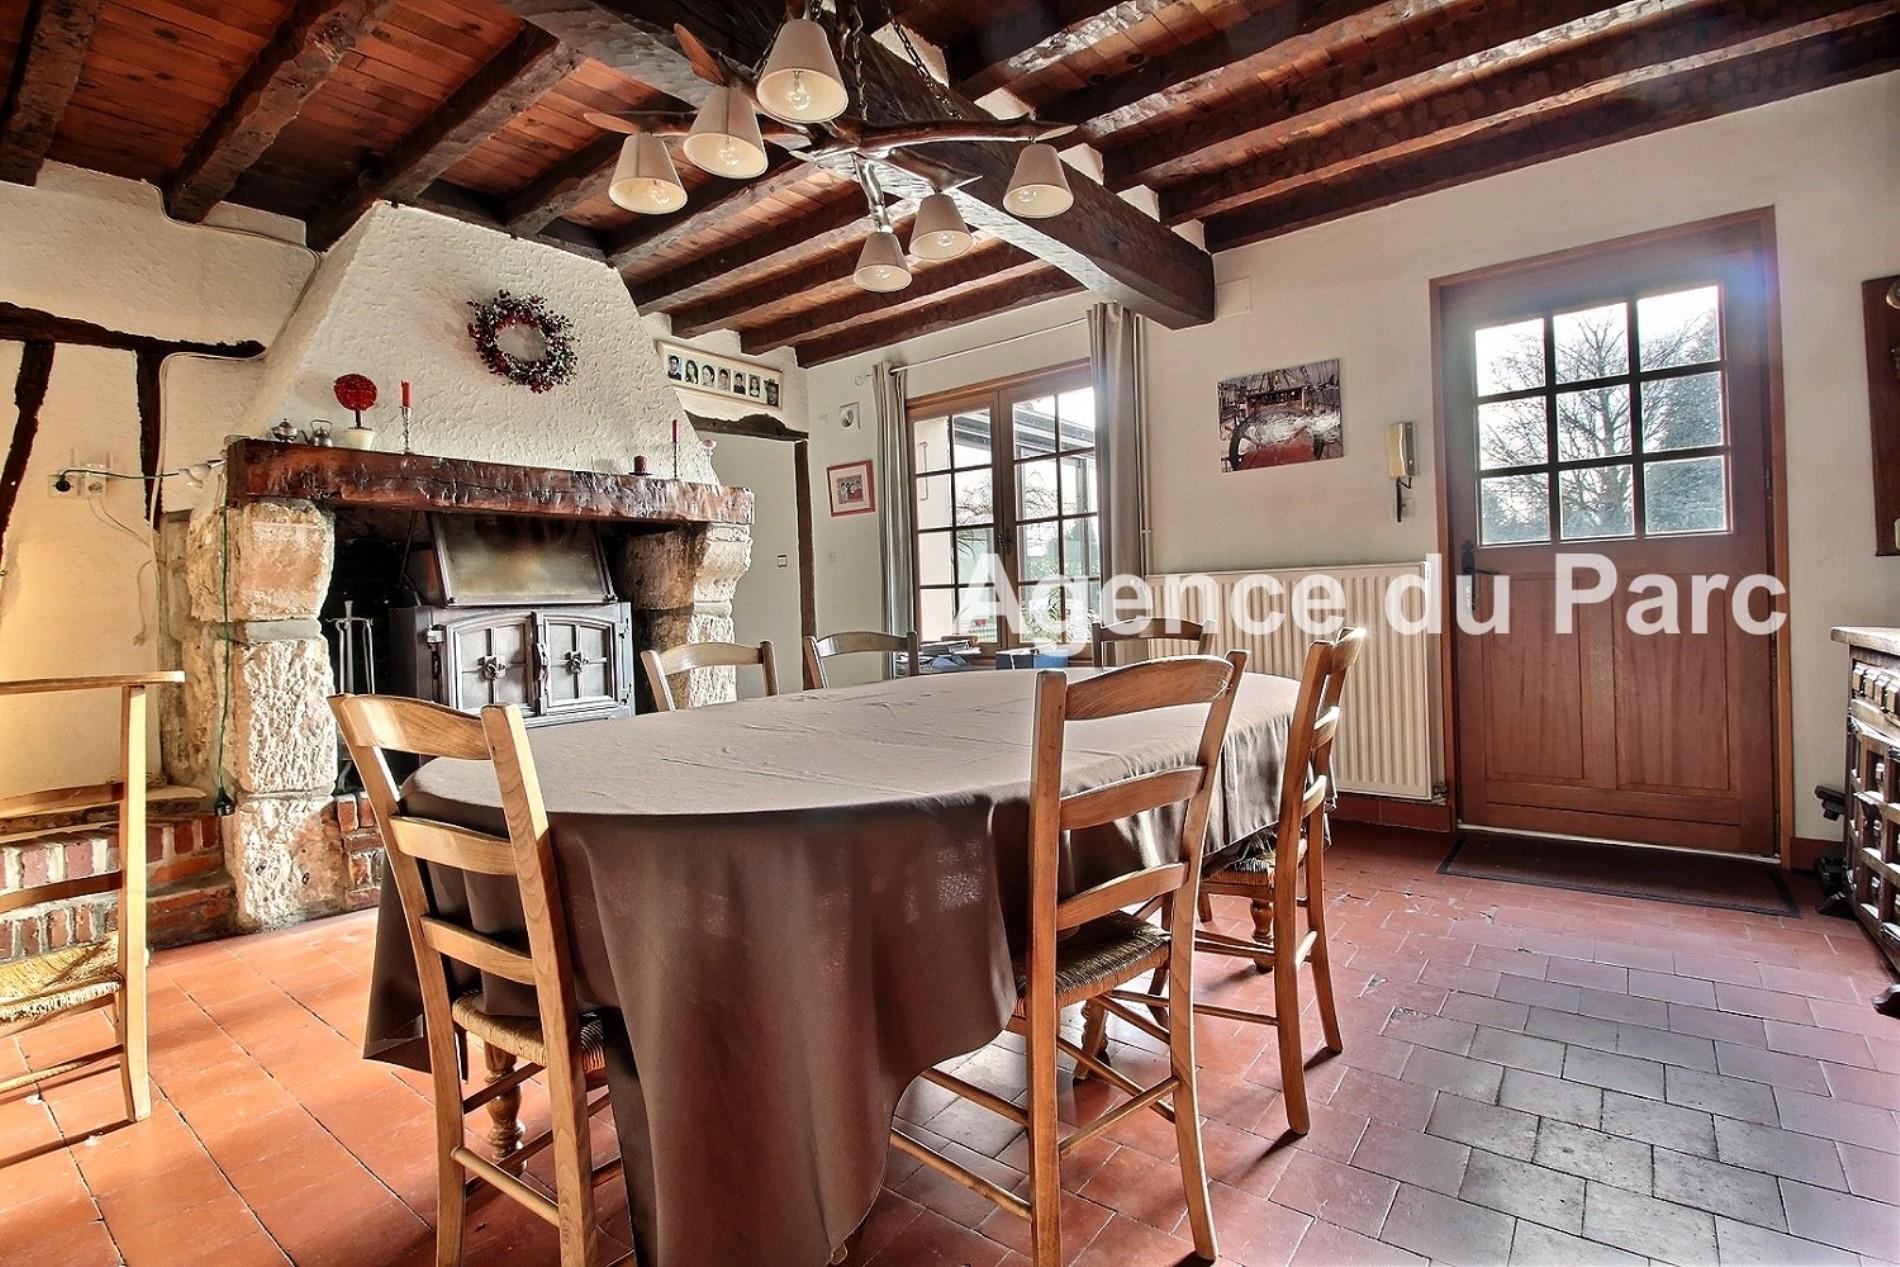 acheter maison ancienne de caract re vendre t7 chambres f7 chambres saint pa r campagne de. Black Bedroom Furniture Sets. Home Design Ideas